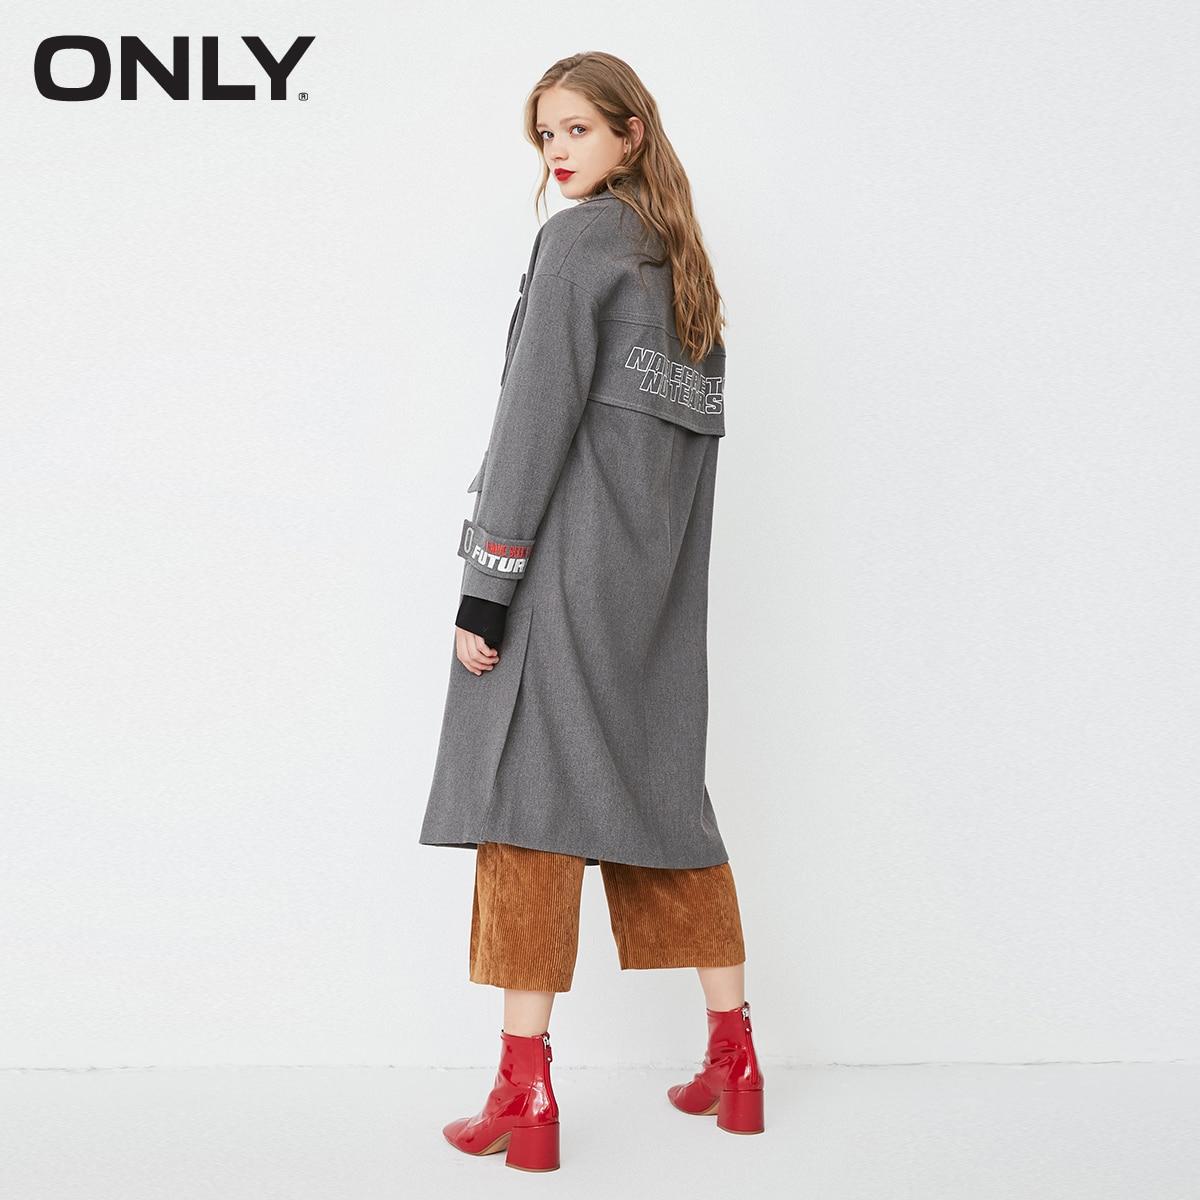 فقط الخريف معطف المرأة فضفاض مستقيم صالح المطرزة طويل السيدات معاطف  118136525-في معطف مبطن من ملابس نسائية على  مجموعة 3